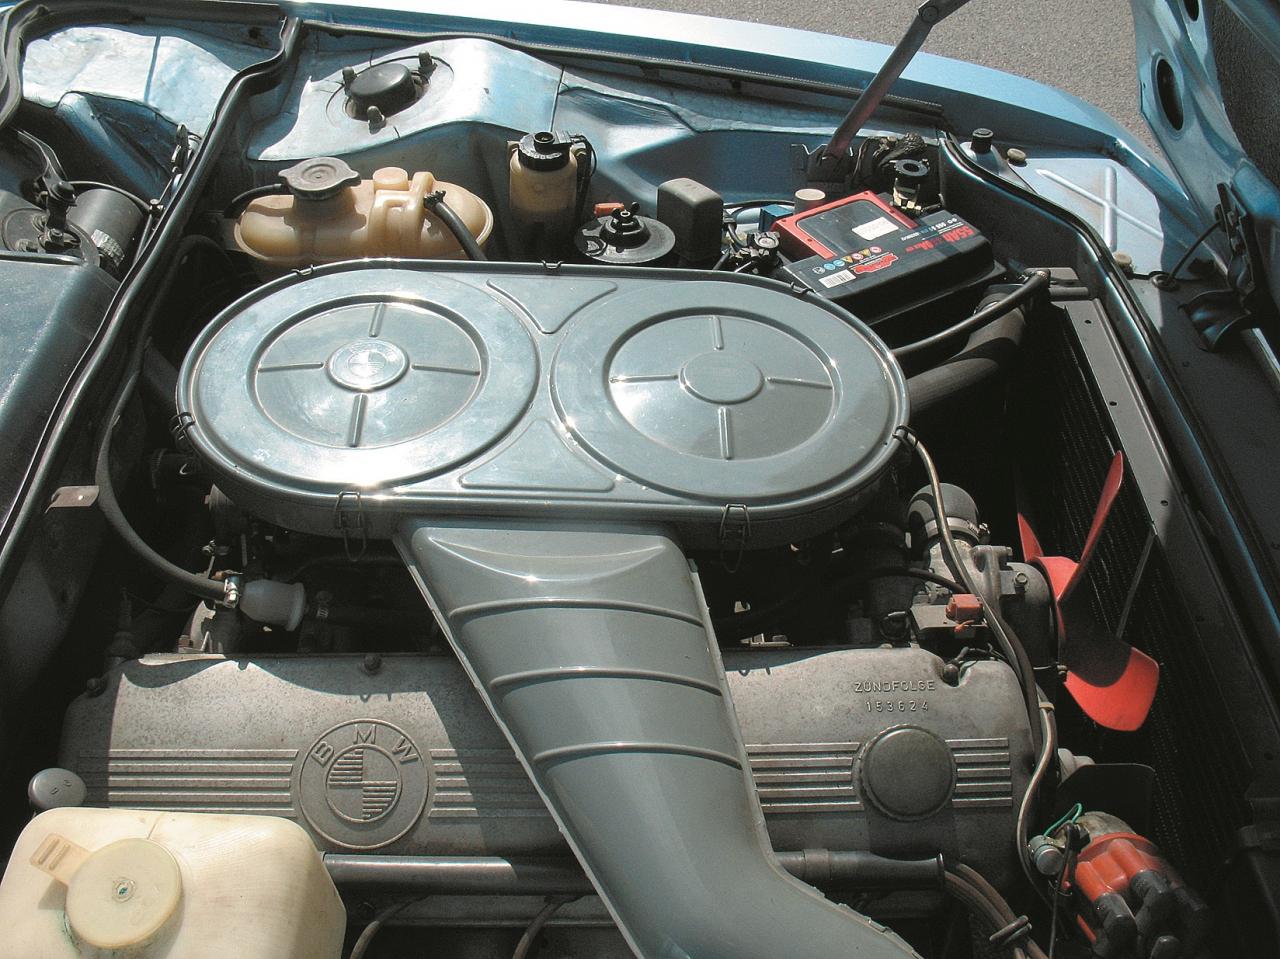 BMW raksturīgais slīpi novietotais R6 cilindru motors ar lielu gaisa filtru virs tā, tas liecina, ka apakšā ir divi karburatori.